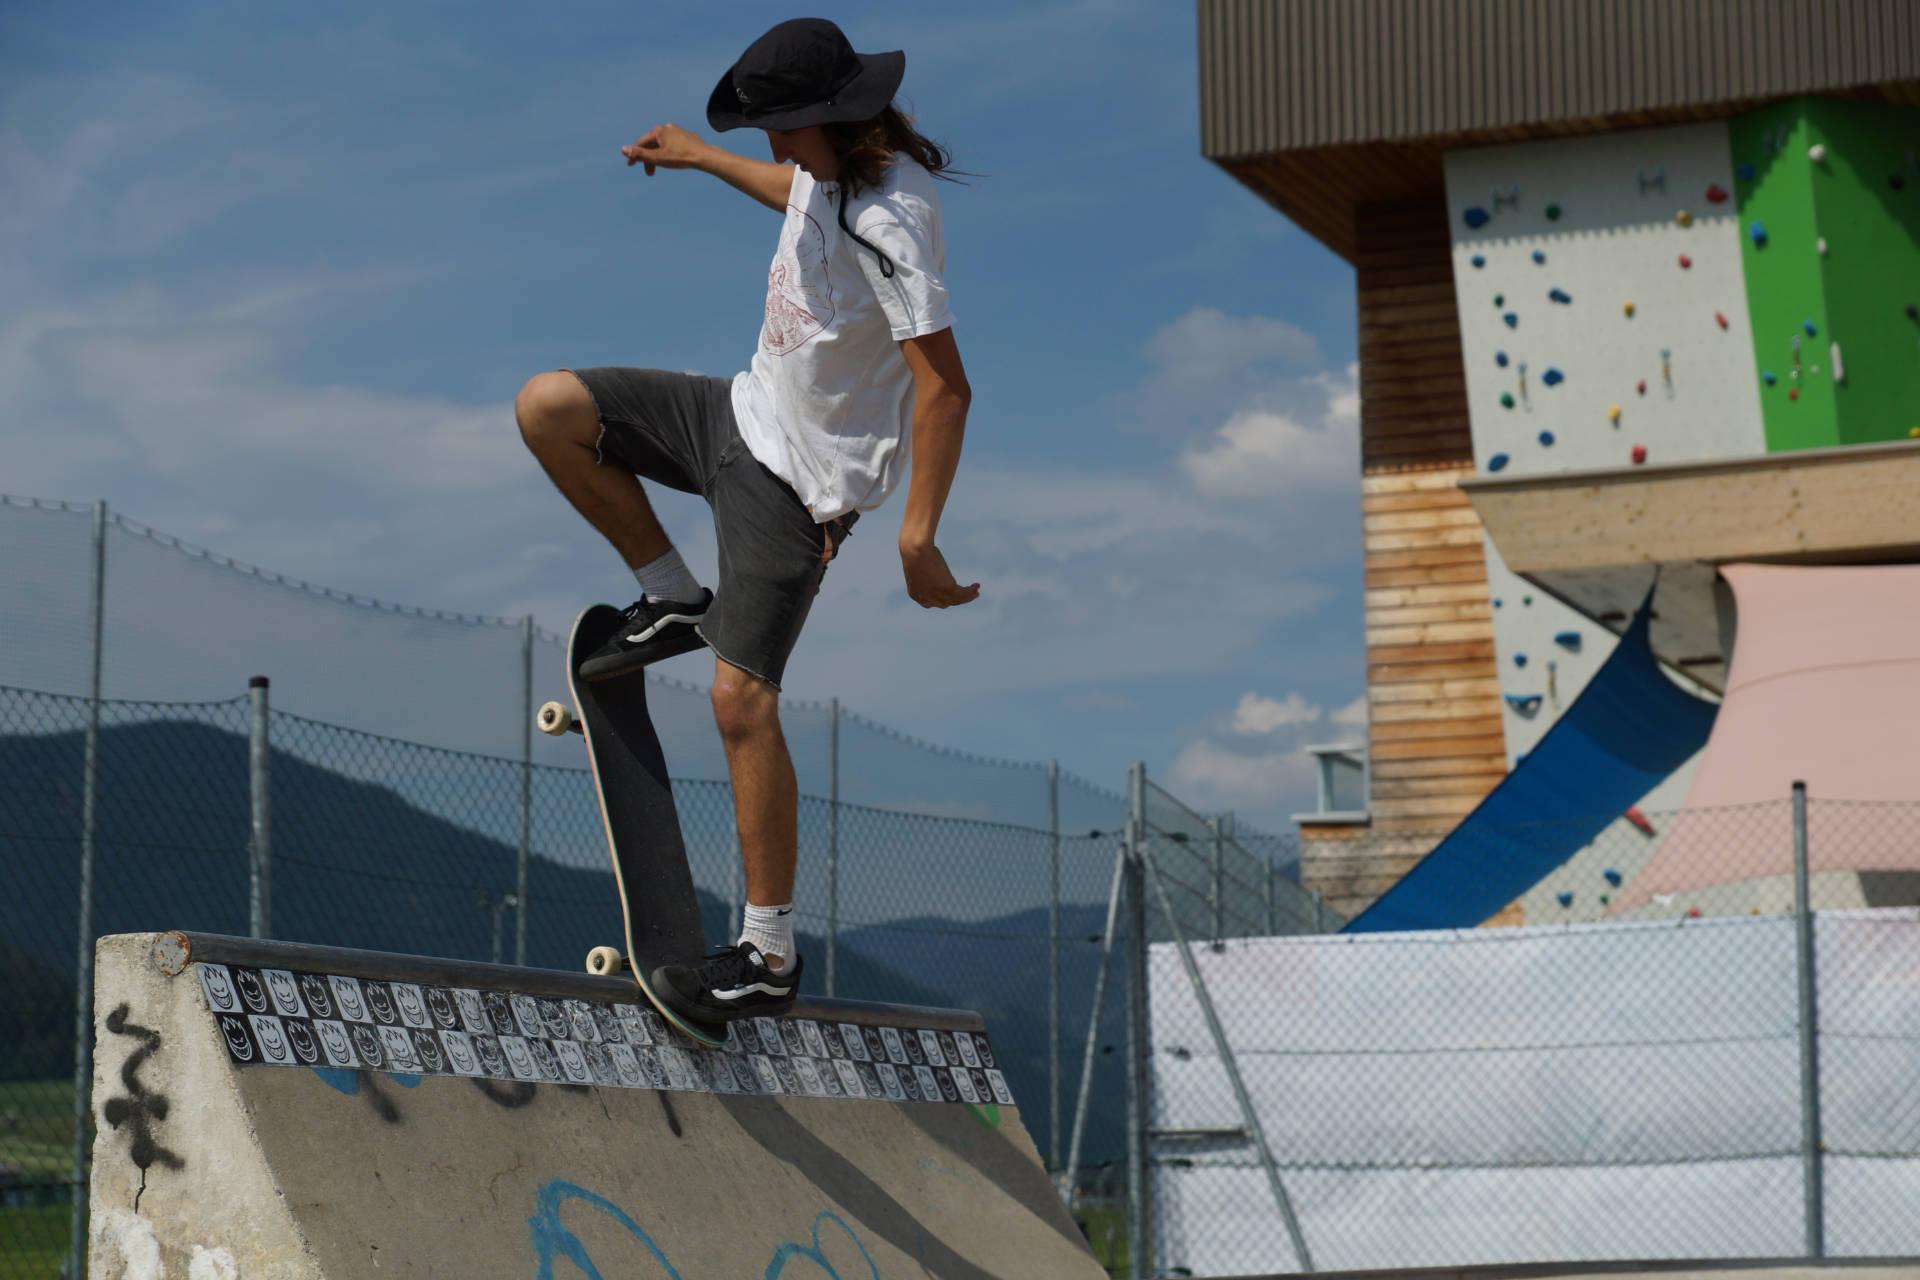 skateboardheadz st johann in tirol kgt 2019 finale 00062